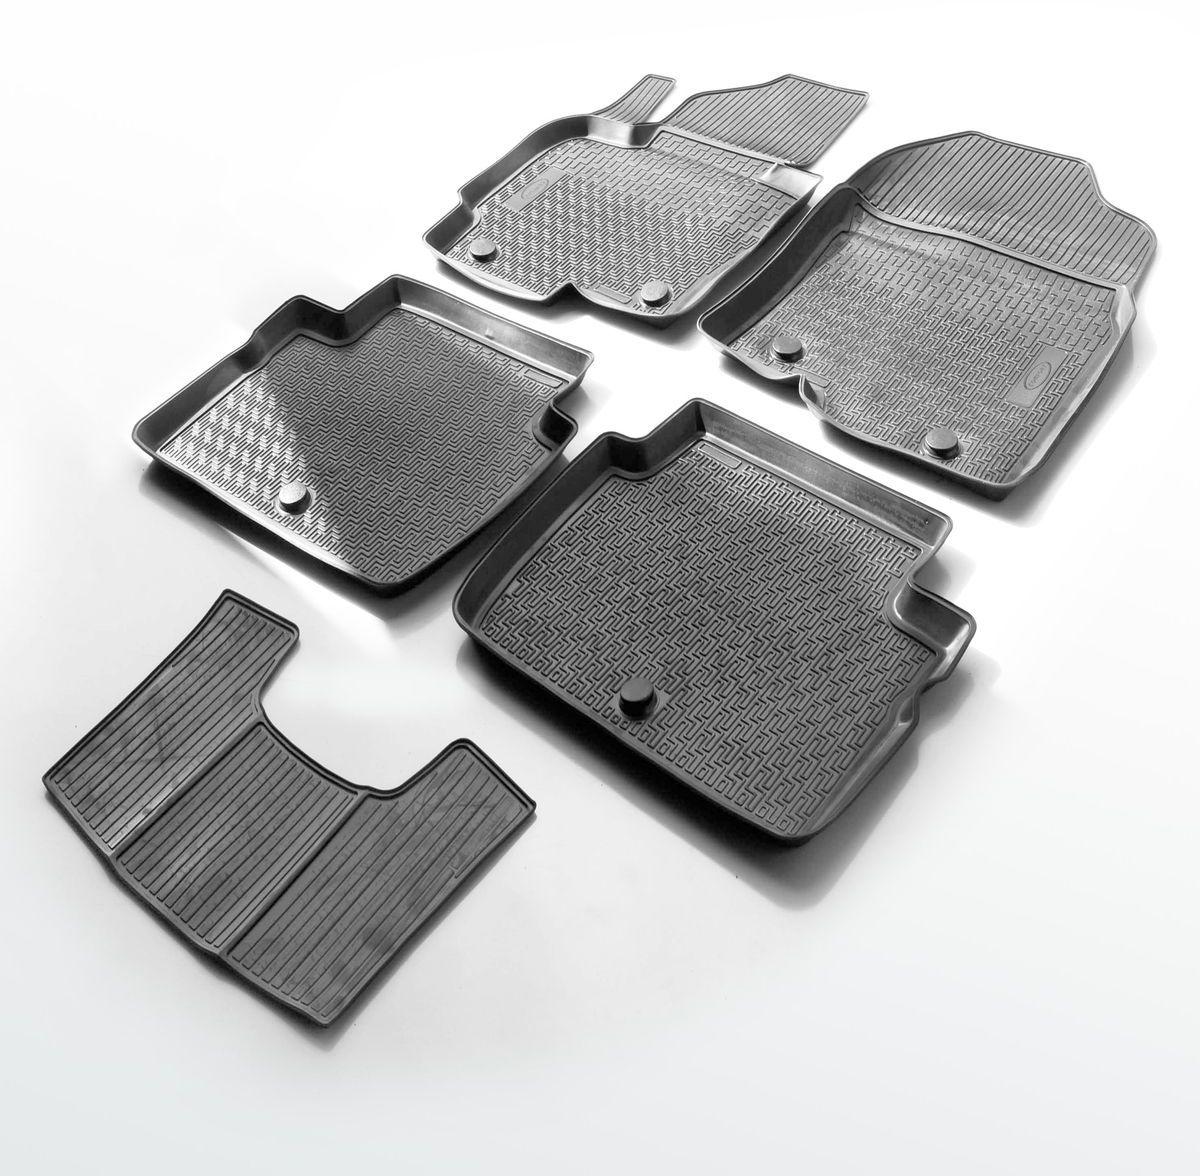 Коврики салона Rival для Ford Mondeo 2015-, c перемычкой, полиуретан0011802001Прочные и долговечные коврики Rival в салон автомобиля, изготовлены из высококачественного и экологичного сырья, полностью повторяют геометрию салона вашего автомобиля. - Надежная система крепления, позволяющая закрепить коврик на штатные элементы фиксации, в результате чего отсутствует эффект скольжения по салону автомобиля. - Высокая стойкость поверхности к стиранию. - Специализированный рисунок и высокий борт, препятствующие распространению грязи и жидкости по поверхности коврика. - Перемычка задних ковриков в комплекте предотвращает загрязнение тоннеля карданного вала. - Произведены из первичных материалов, в результате чего отсутствует неприятный запах в салоне автомобиля. - Высокая эластичность, можно беспрепятственно эксплуатировать при температуре от -45 ?C до +45 ?C. Уважаемые клиенты! Обращаем ваше внимание, что коврики имеет форму соответствующую модели данного автомобиля. Фото служит для визуального восприятия товара.